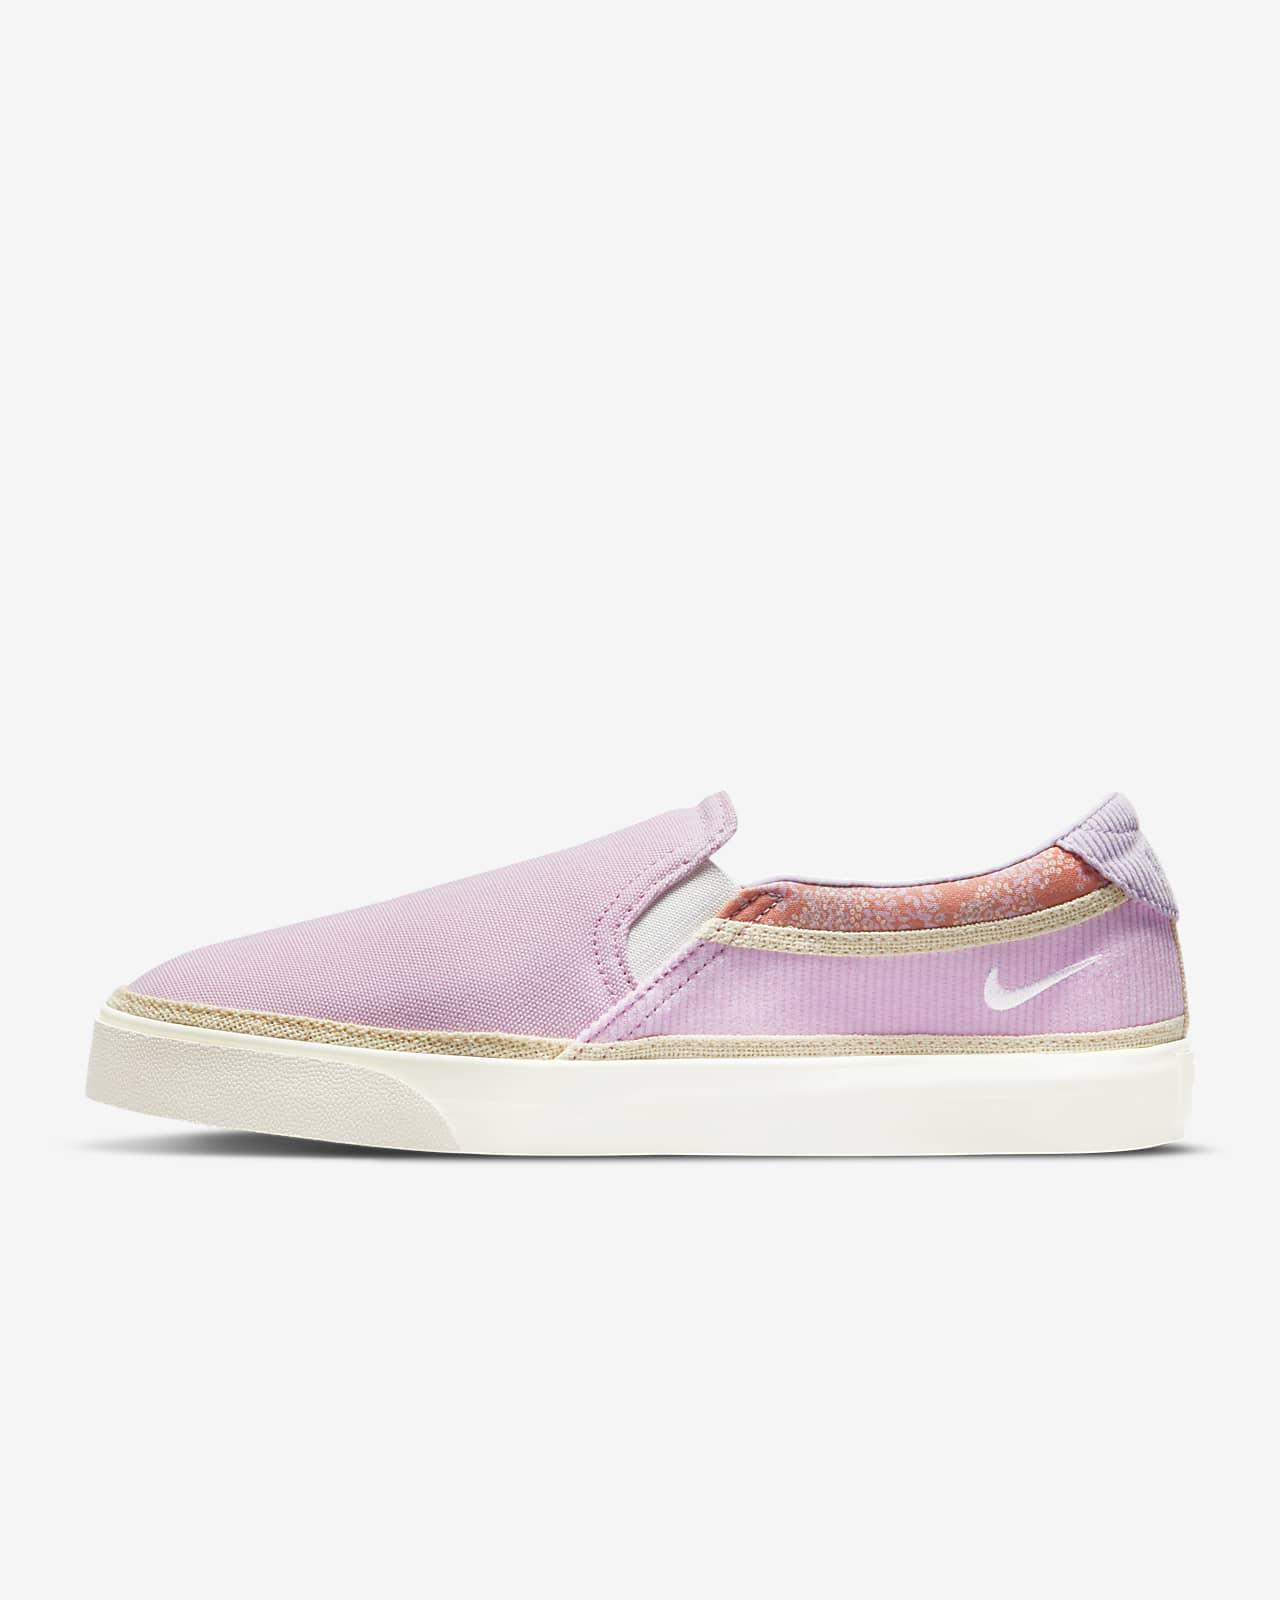 Calzado sin agujetas para mujer Nike Court Legacy